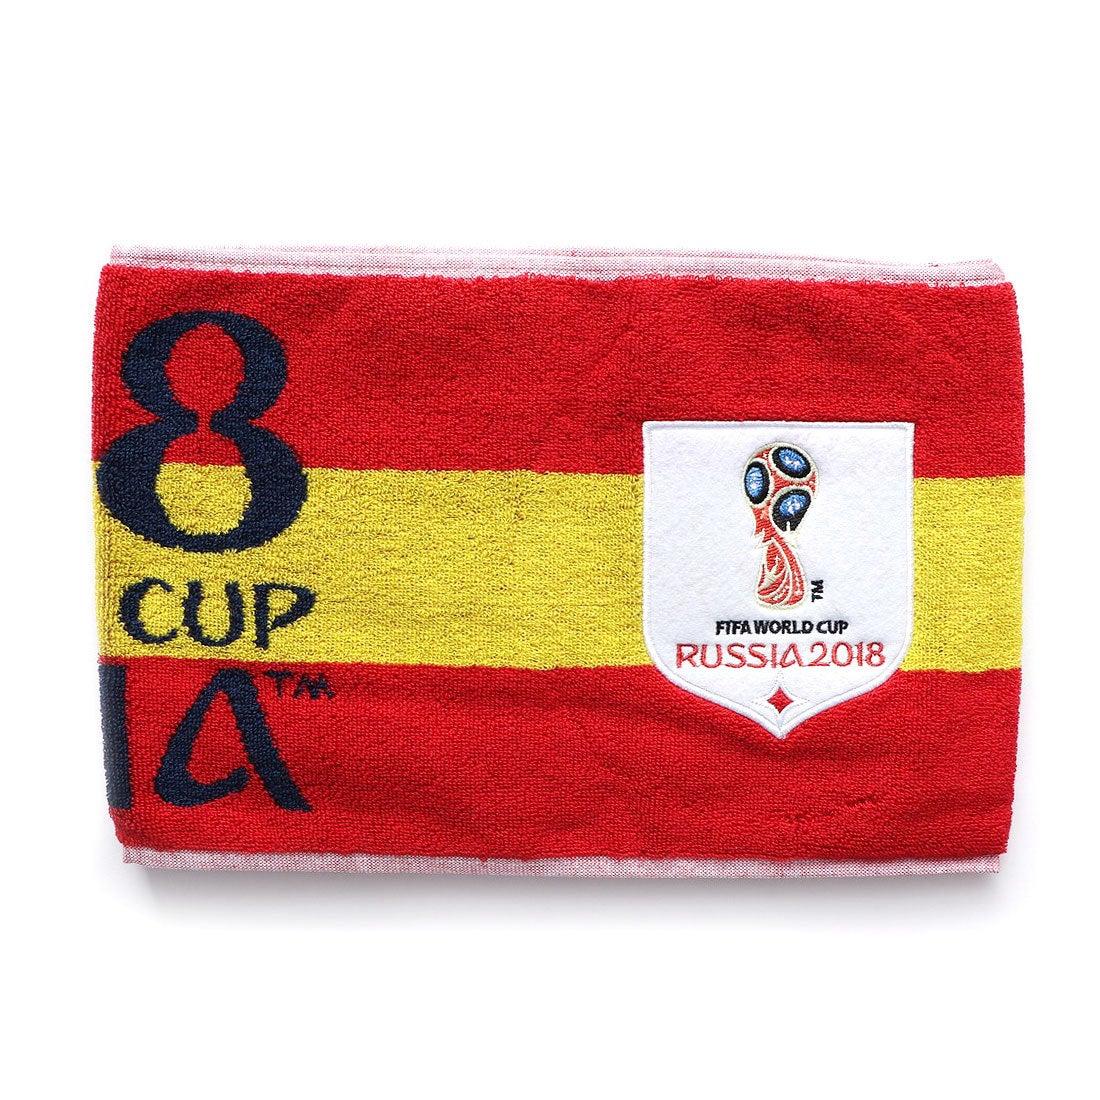 ロコンド 靴とファッションの通販サイトスポーツデポSPORTSDEPOサッカー/フットサルライセンスグッズタオルマフラー(出場国)スペイン83004